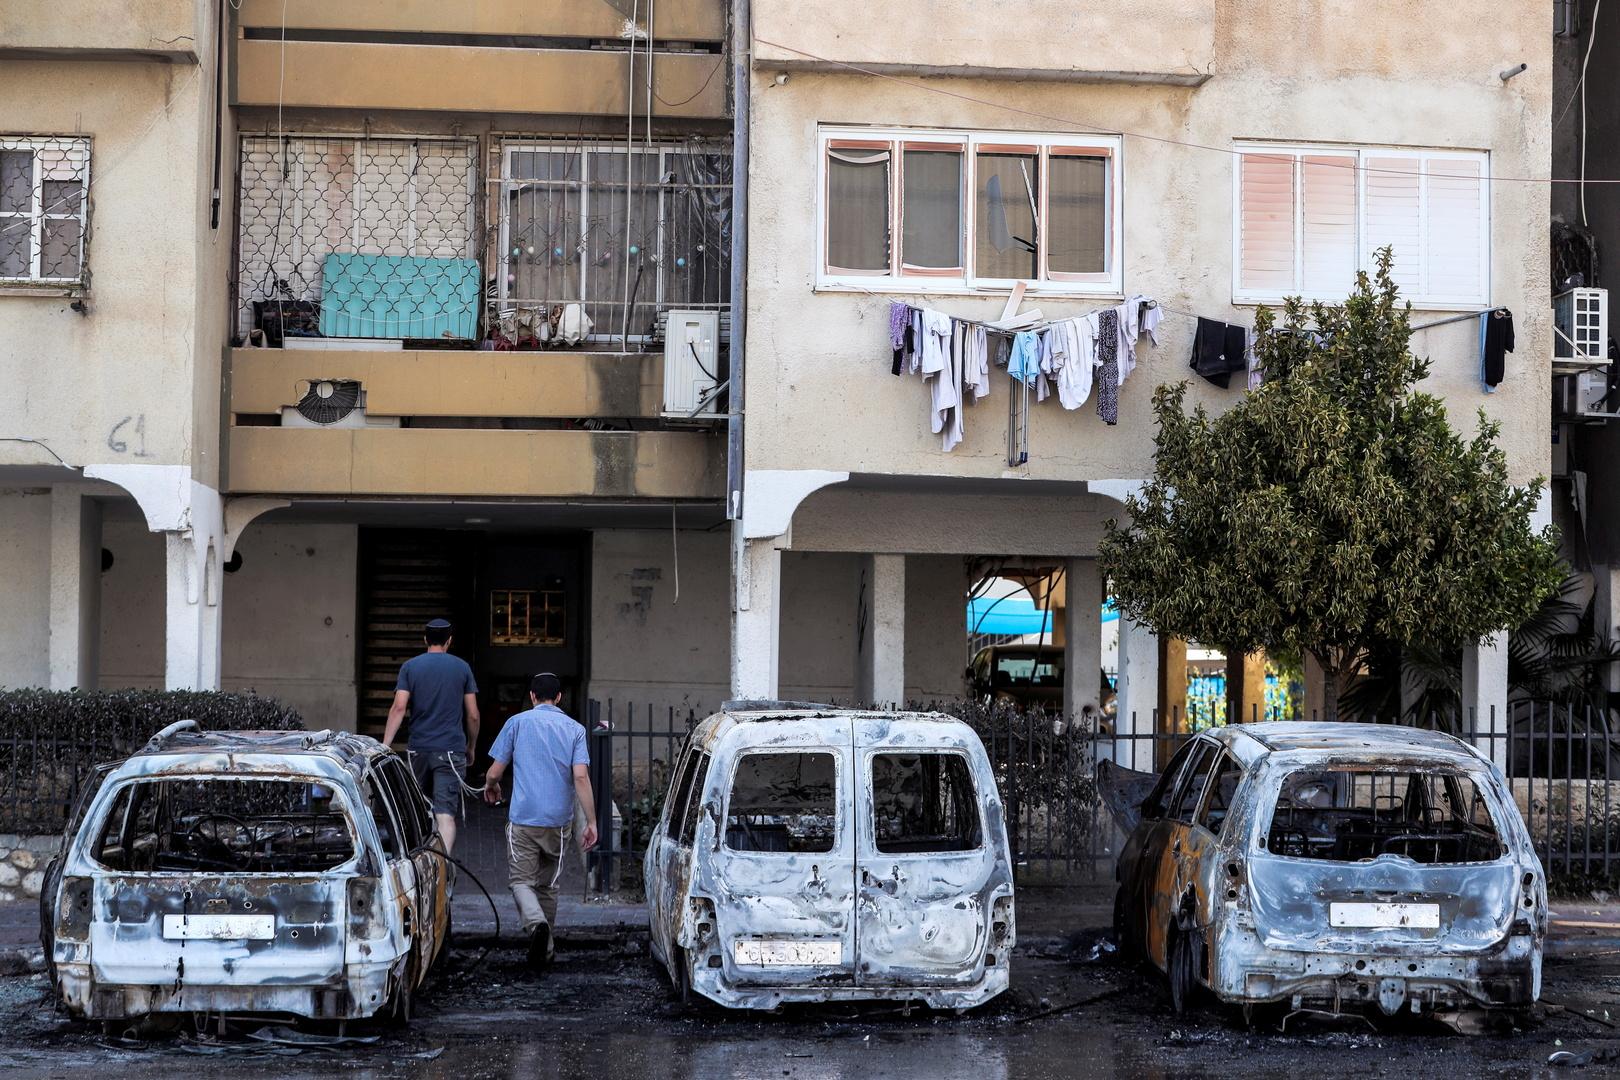 وزير الأمن الداخلي الإسرائيلي يدعم الدعوة لقدوم يهود مسلحين إلى اللد